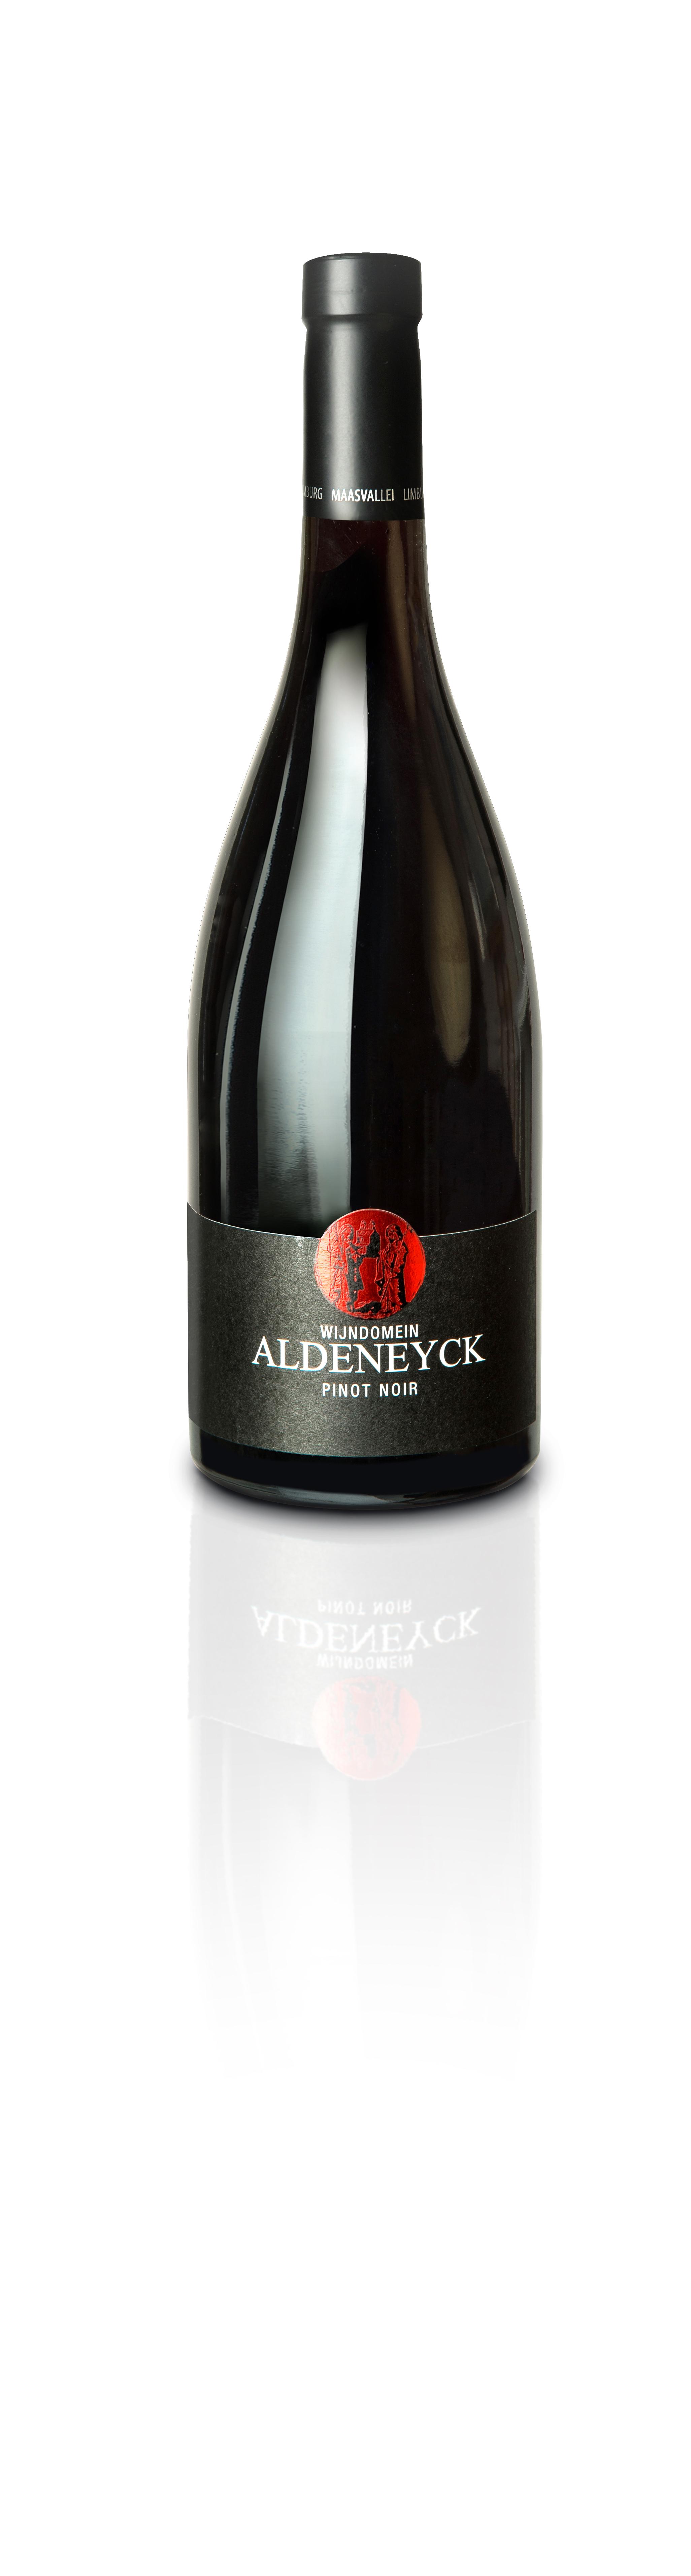 Aldeneyck Pinot Noir